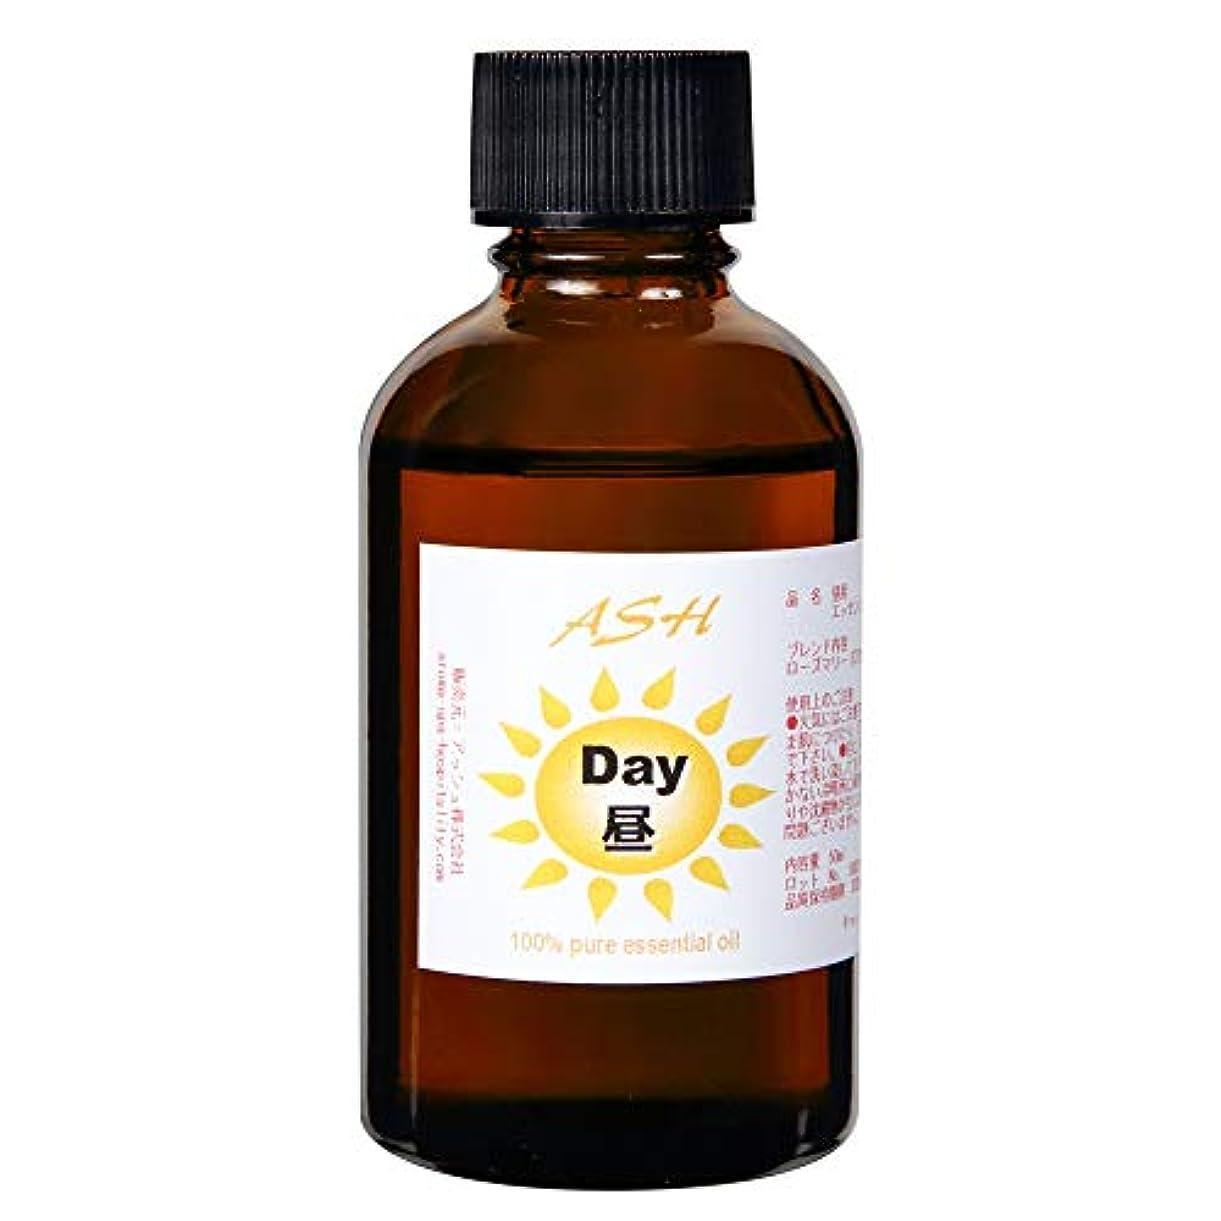 がんばり続ける超える座標ASH Day(昼用)エッセンシャルオイルブレンド50ml【ローズマリー+レモン】